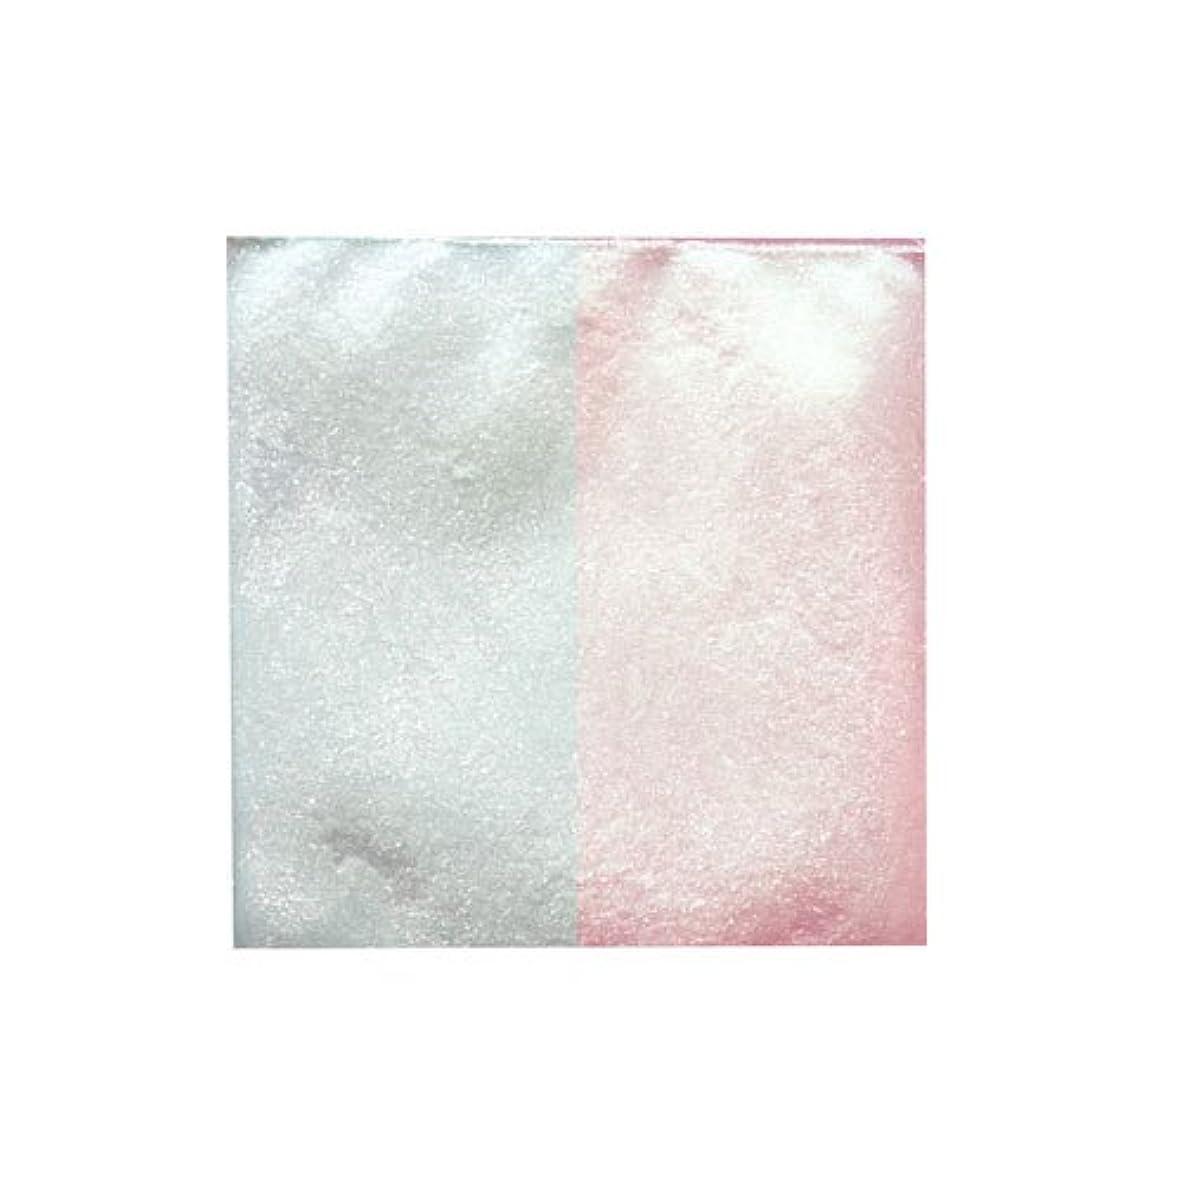 若い過言ブースピカエース ネイル用パウダー ピカエース シャインダスト #467 ミラーピンク 0.5g アート材